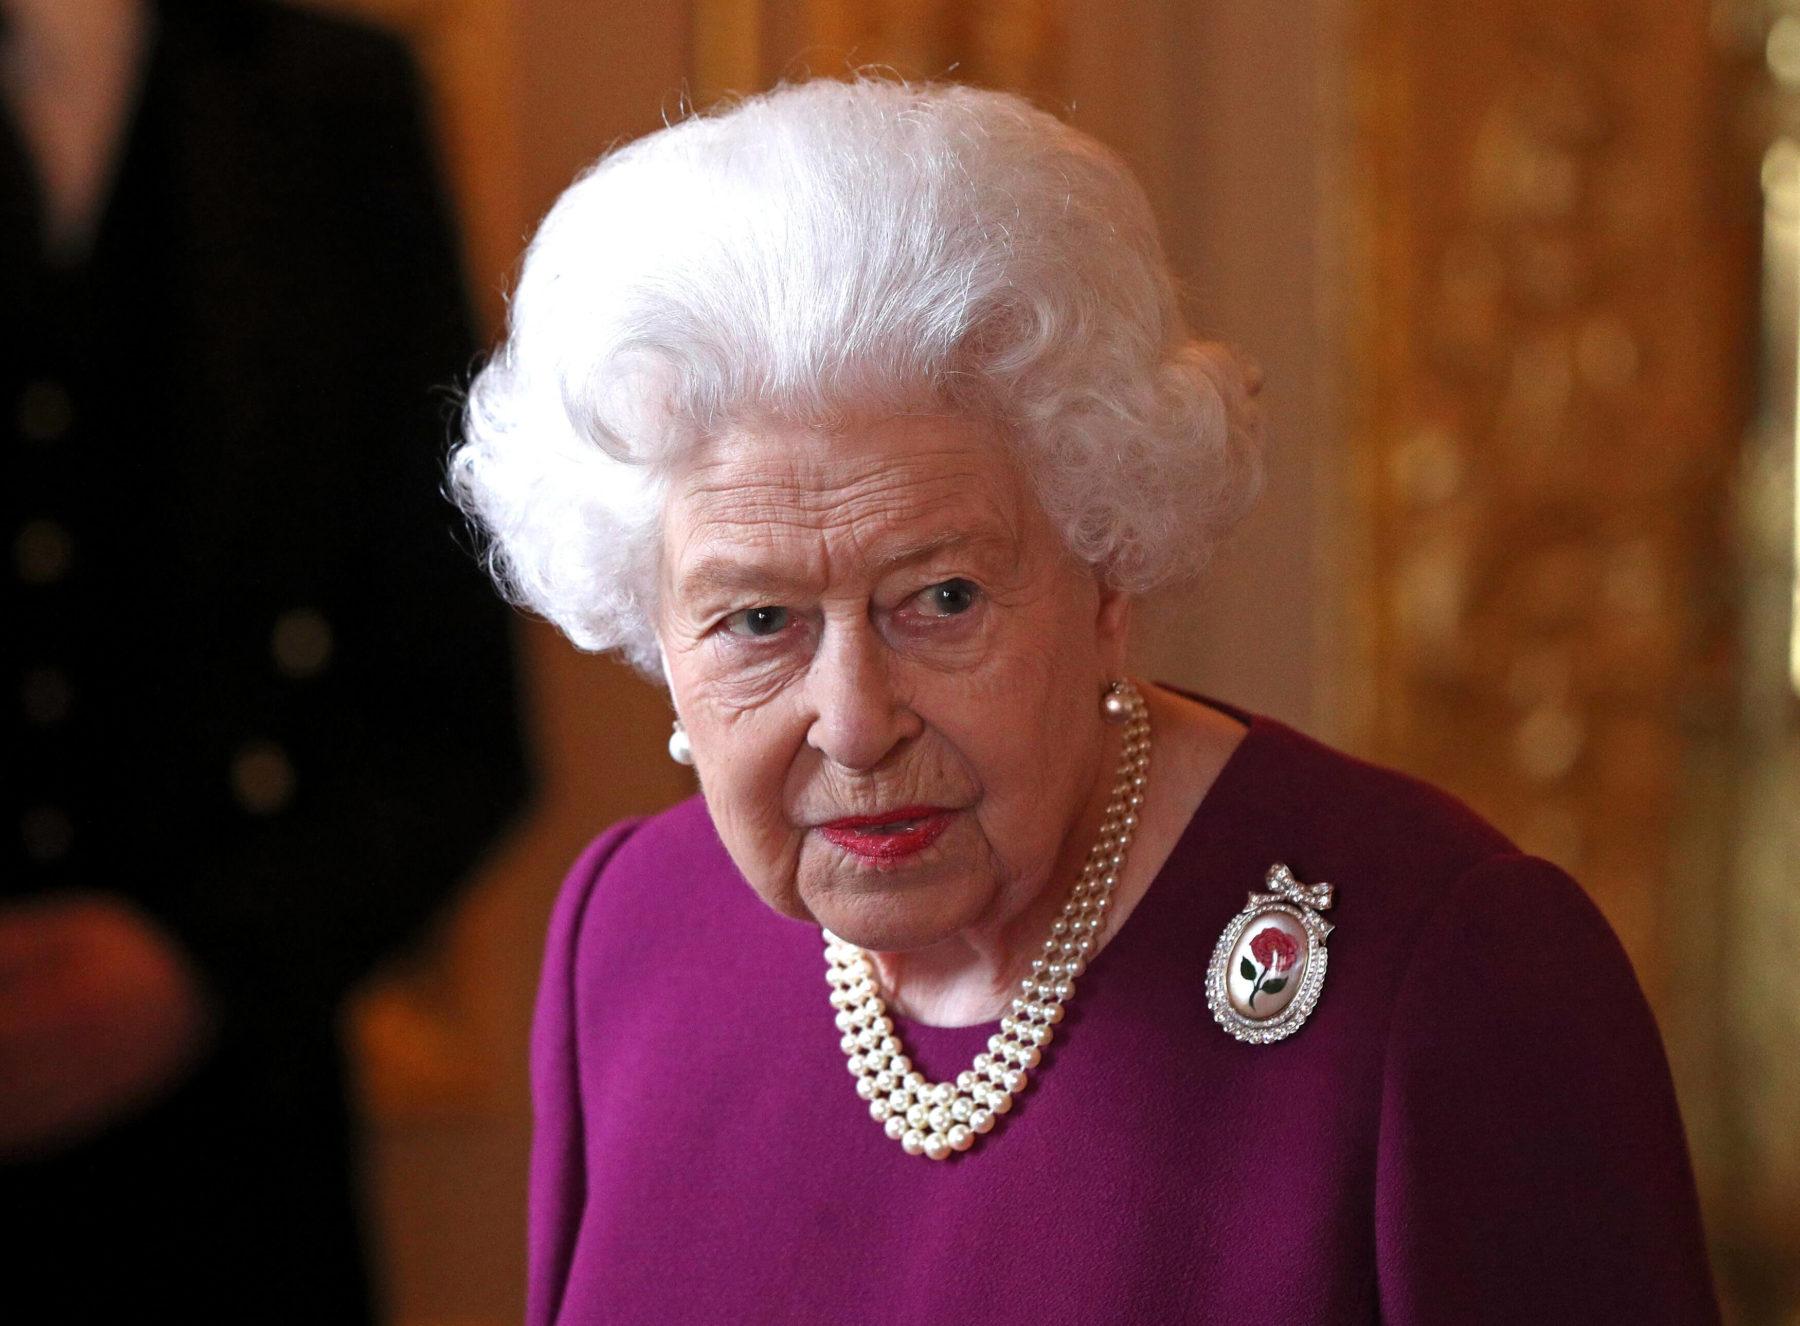 Άσχημα νέα για την υγεία της Βασίλισσας Ελισάβετ - Οι φωτογραφίες που κάνουν τον γύρο του διαδικτύου